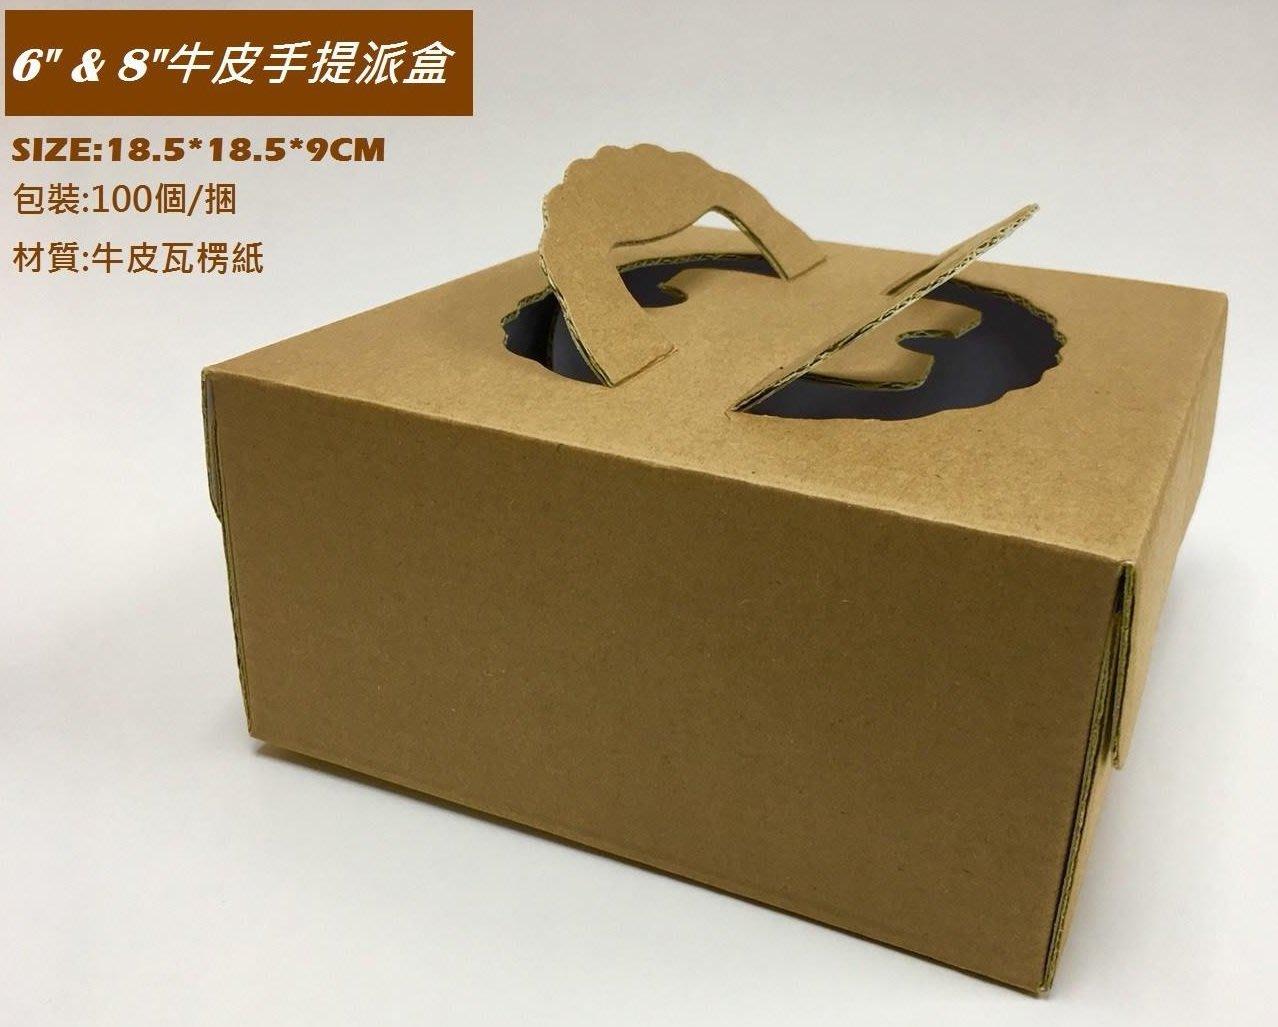 【無敵餐具】6吋牛皮手提派盒(185X185X90mm)蛋糕盒/紙盒/手提盒 另有8吋【CH063】